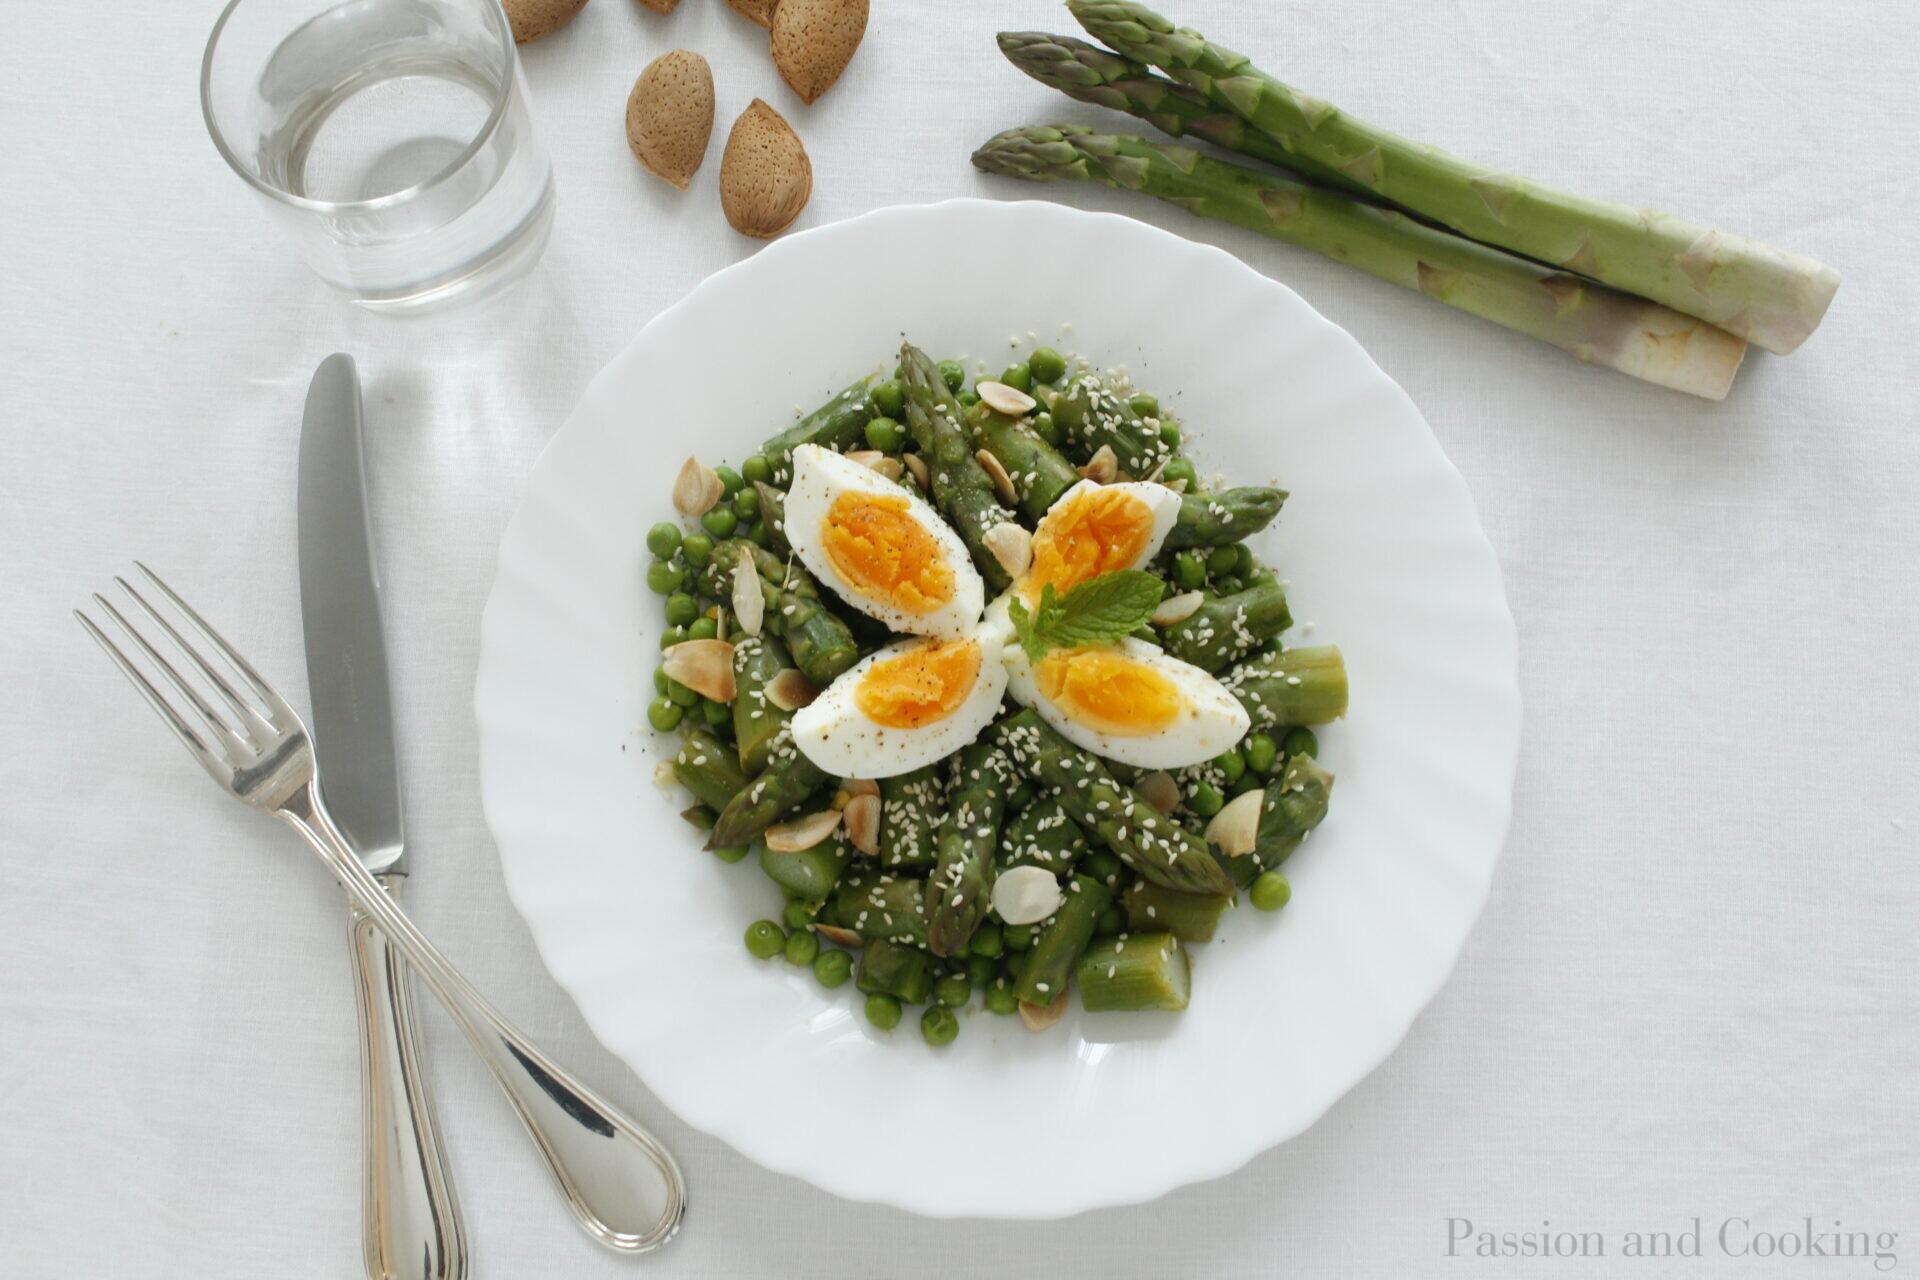 Peas and Asparagus salad